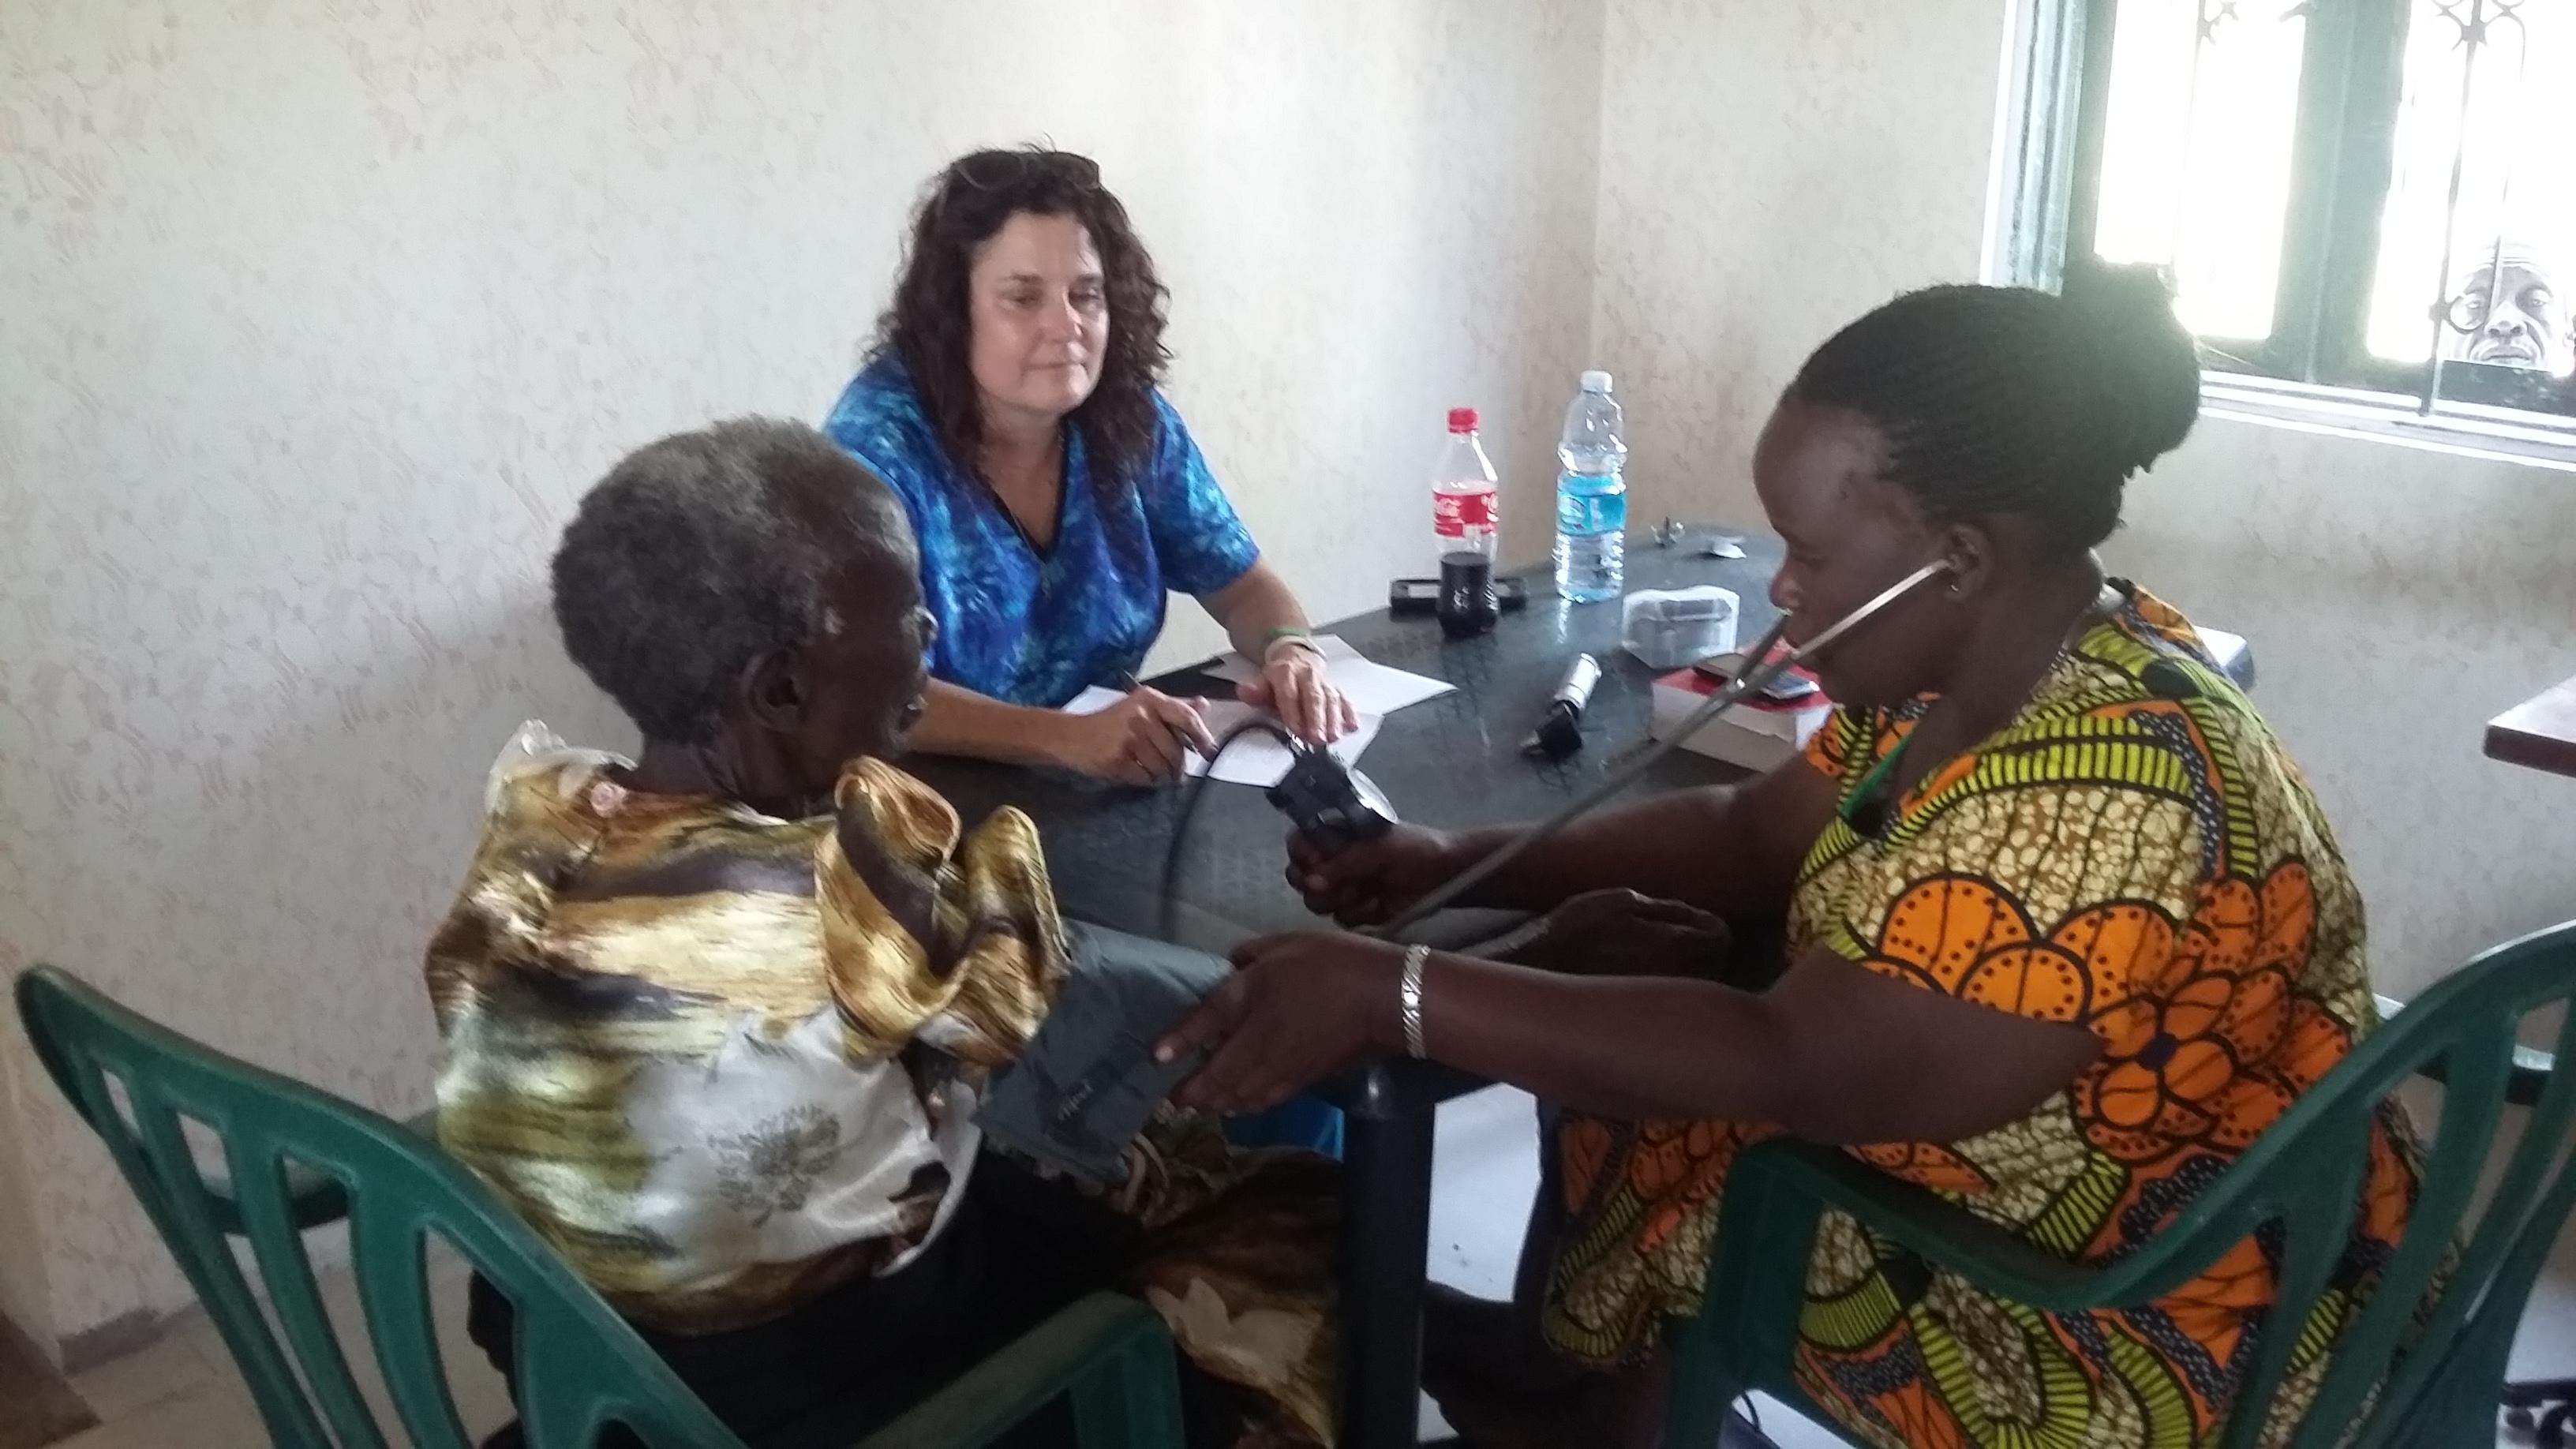 Youth Ministry - Impact Ministries Uganda - impactministriesuganda.com